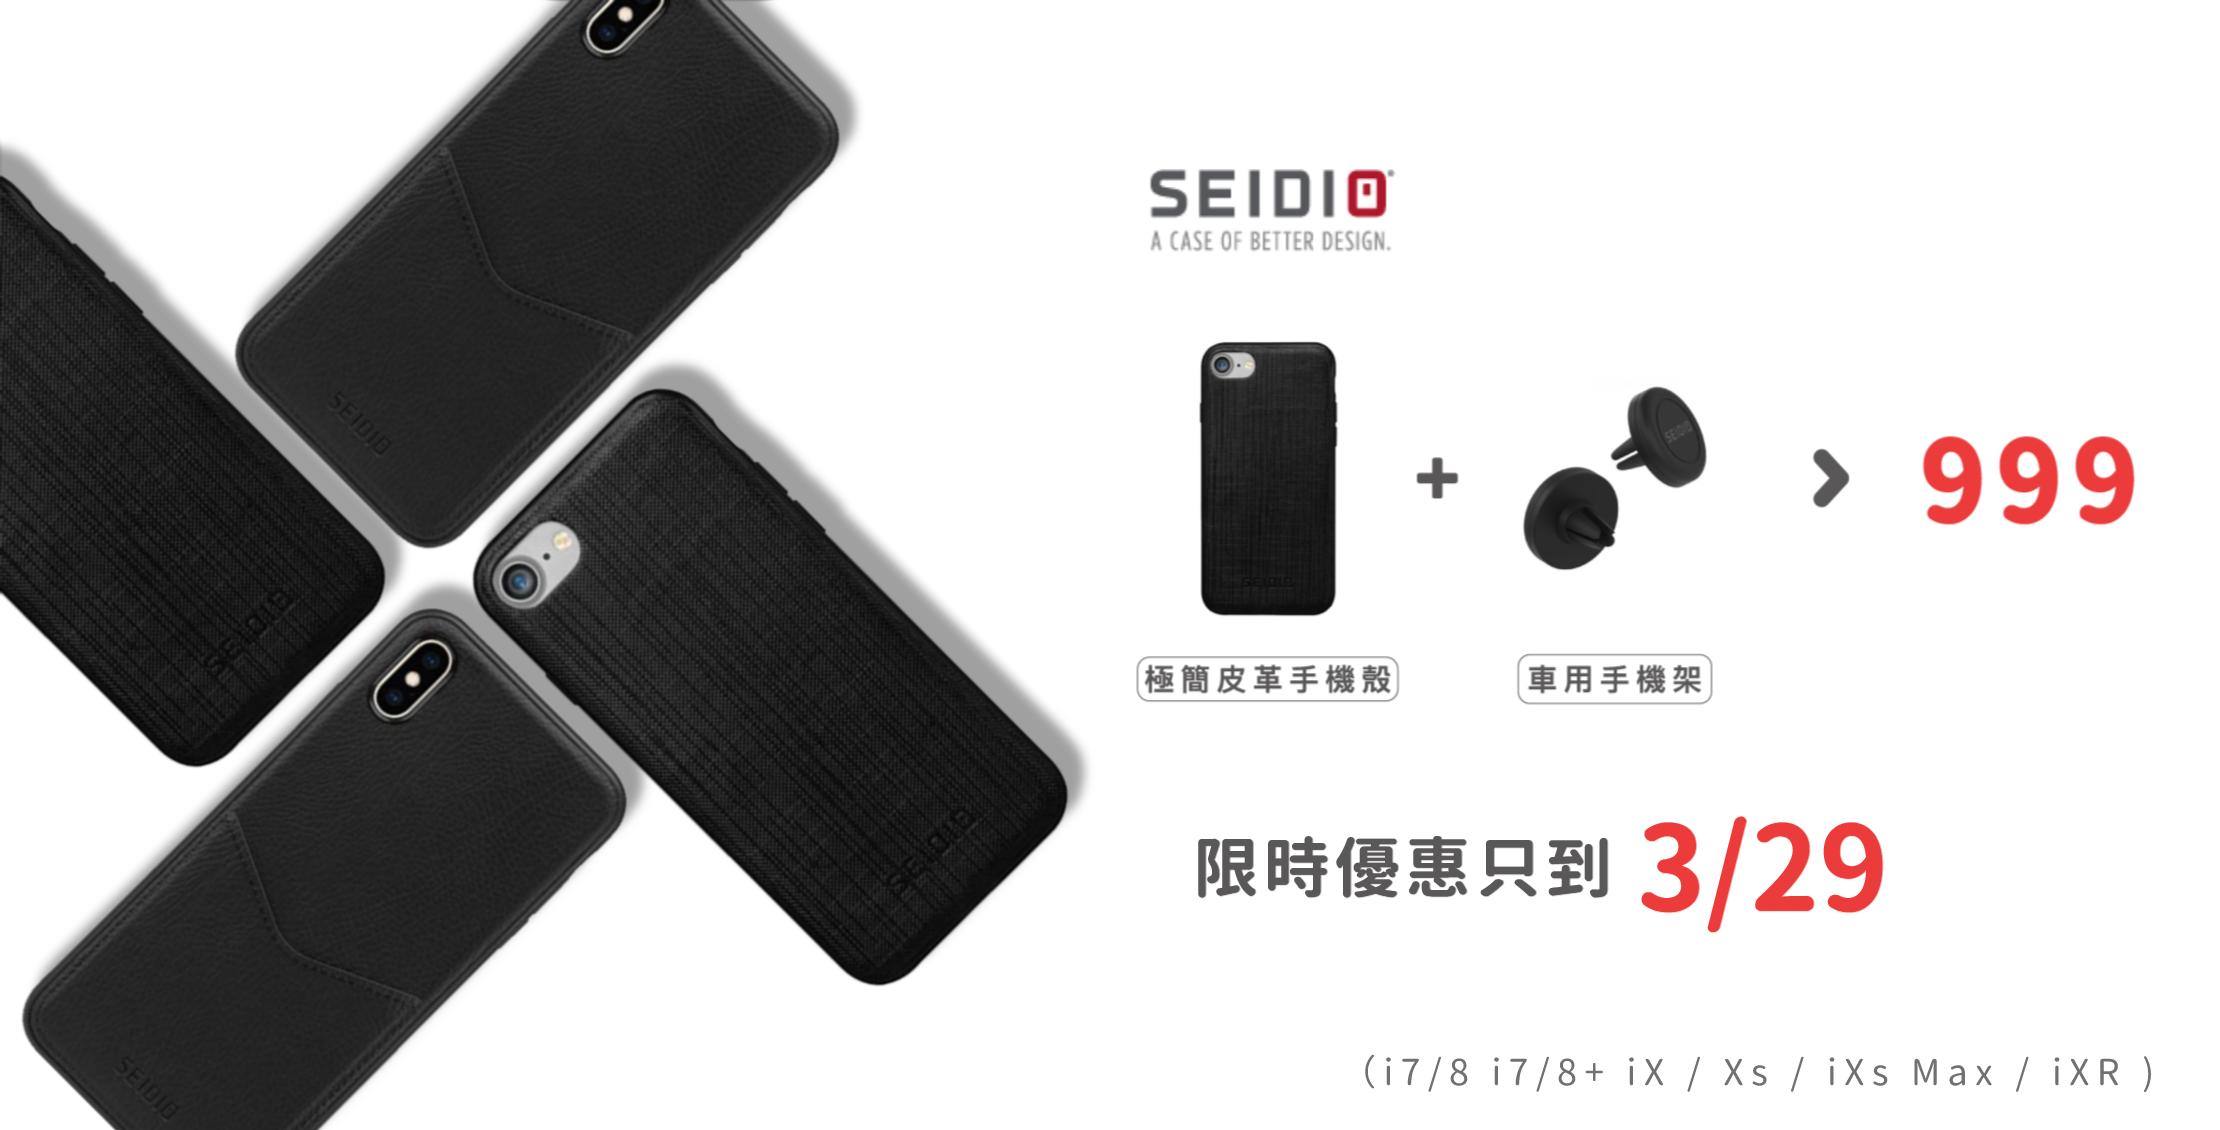 【贈車架】SEIDIO EXECUTIVE™ iPhone 7/8/Xs/XR/Max 極簡皮革 手機保護殼